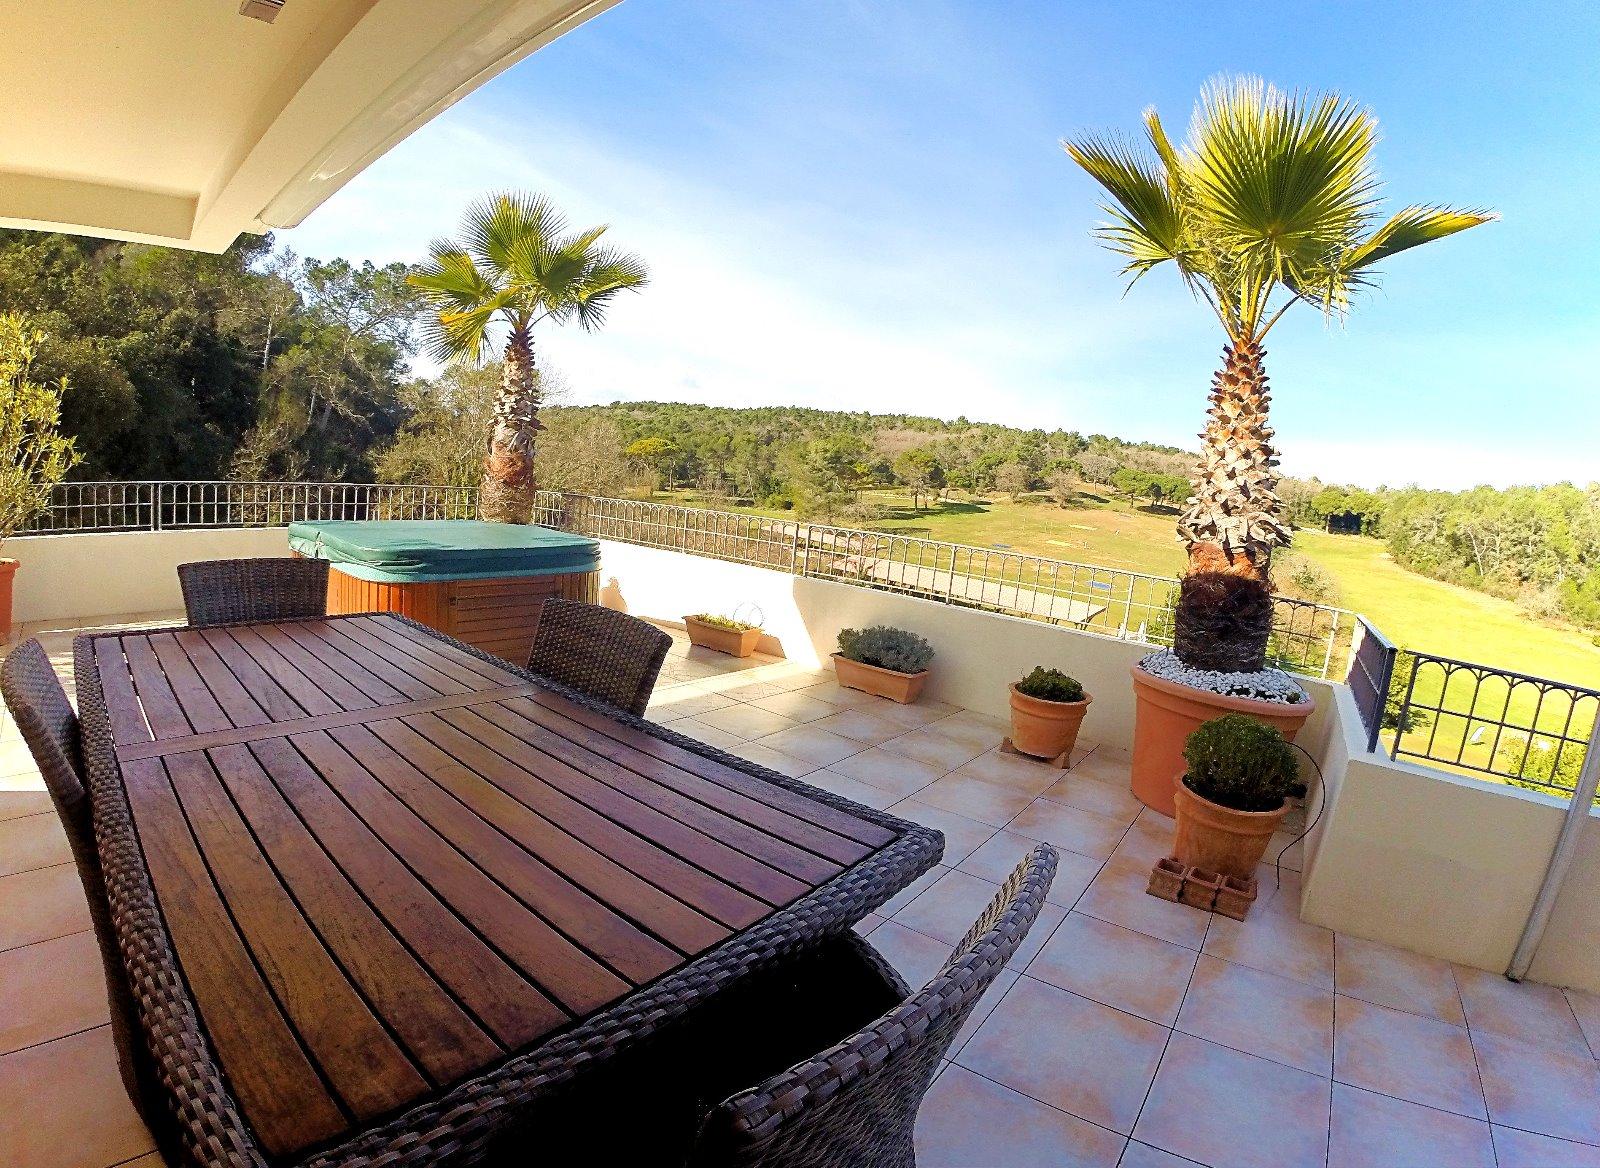 valbonne 06 alpes maritimes a vendre villa sur toit appartement avec 130m2 toit terrasse 3d